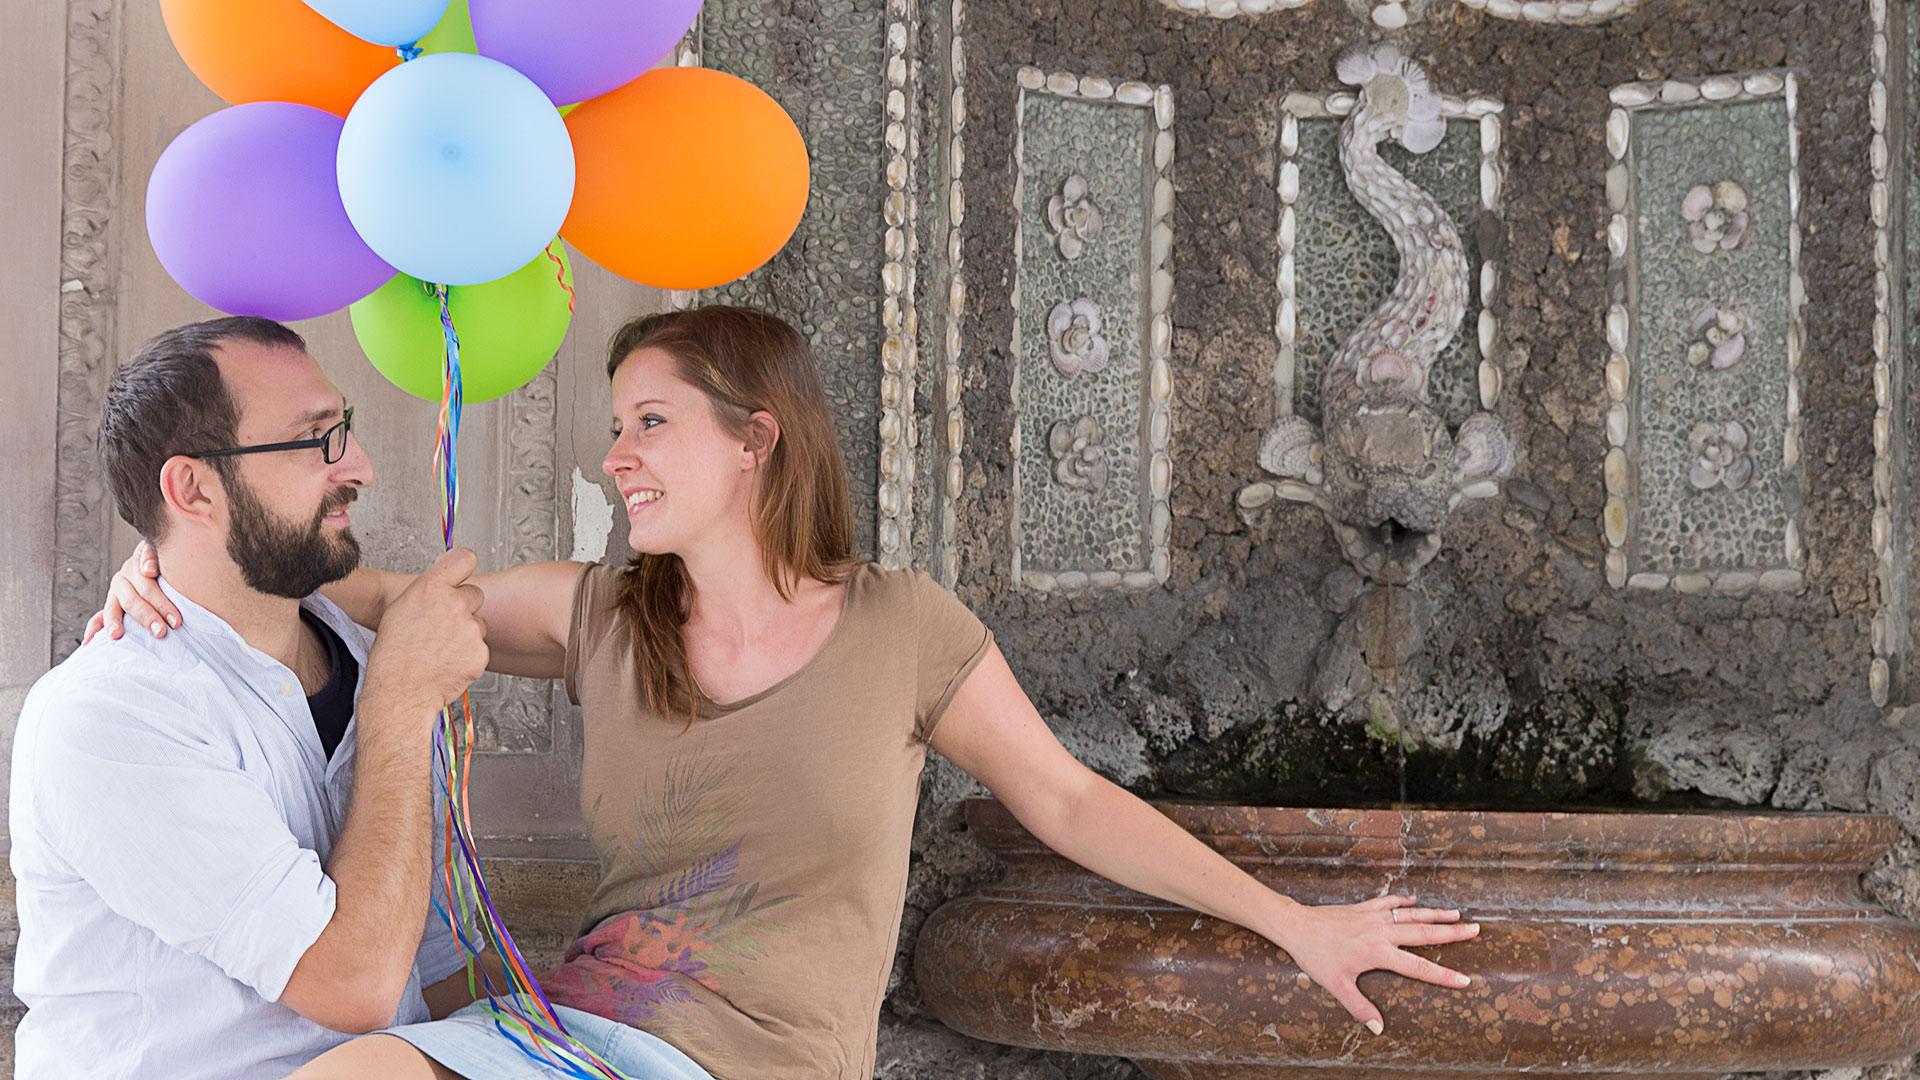 Fotografie mit einem jungen Paar, sie sitzt auf seinem Schoß und über ihren Köpfen Luftballons